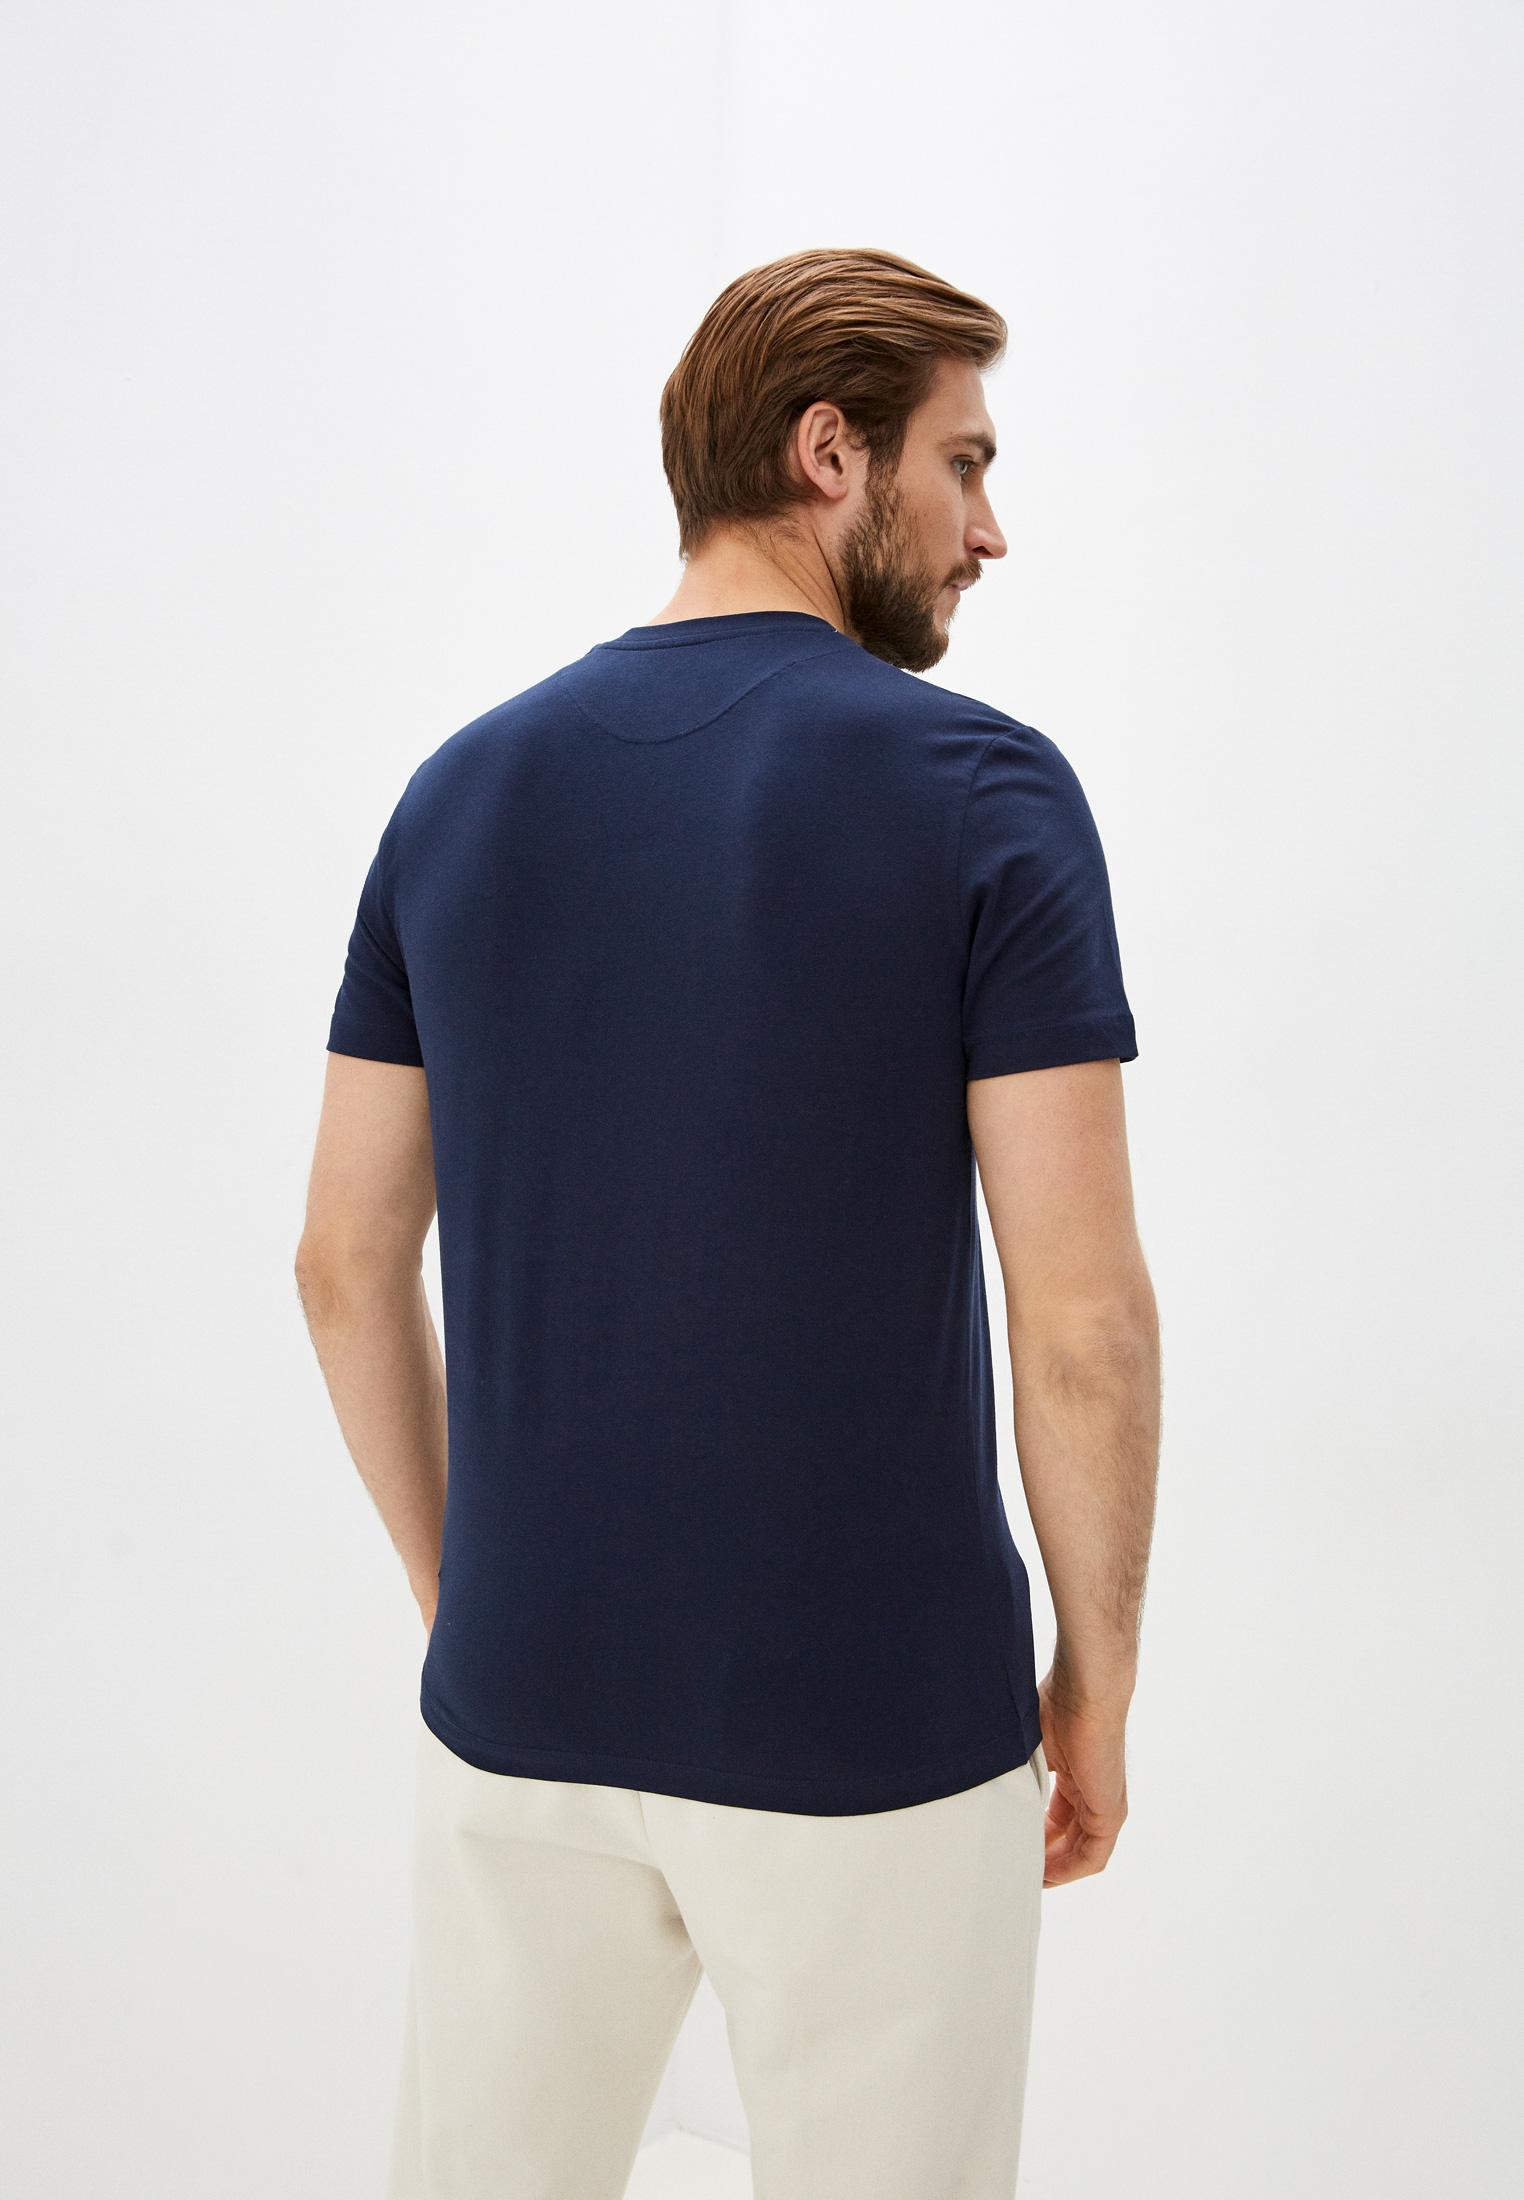 Мужская футболка Bikkembergs (Биккембергс) C 4 101 49 E 2296: изображение 4